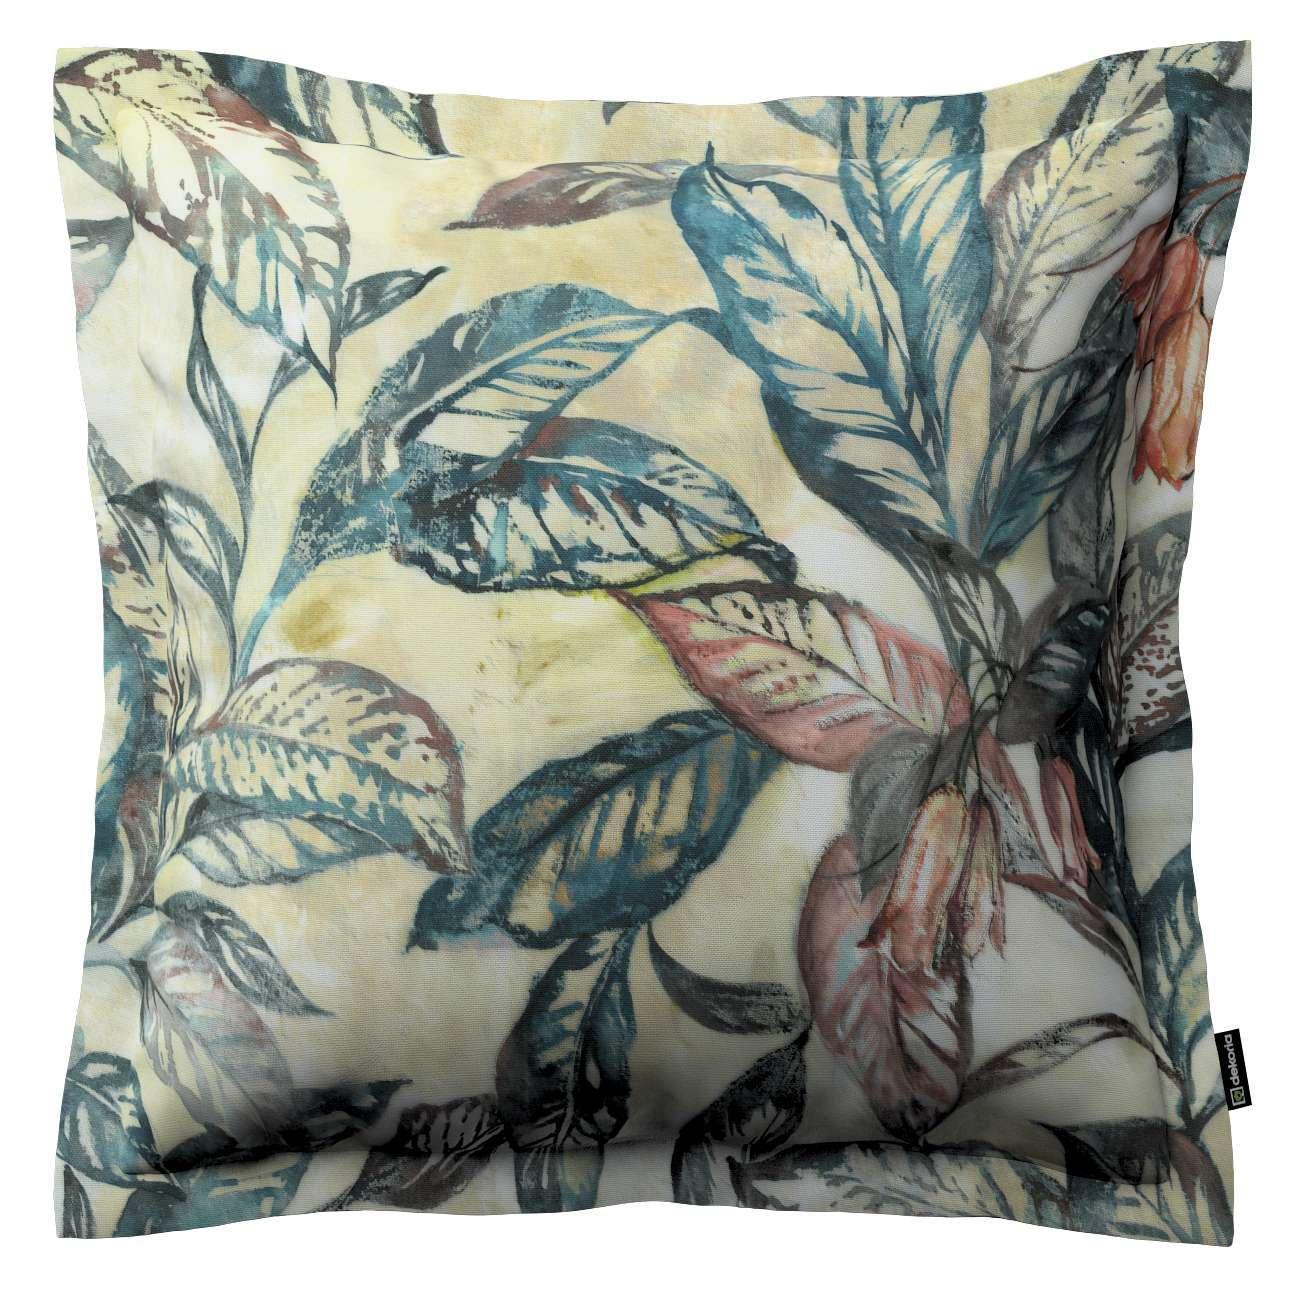 Poszewka Mona na poduszkę w kolekcji Abigail, tkanina: 143-08